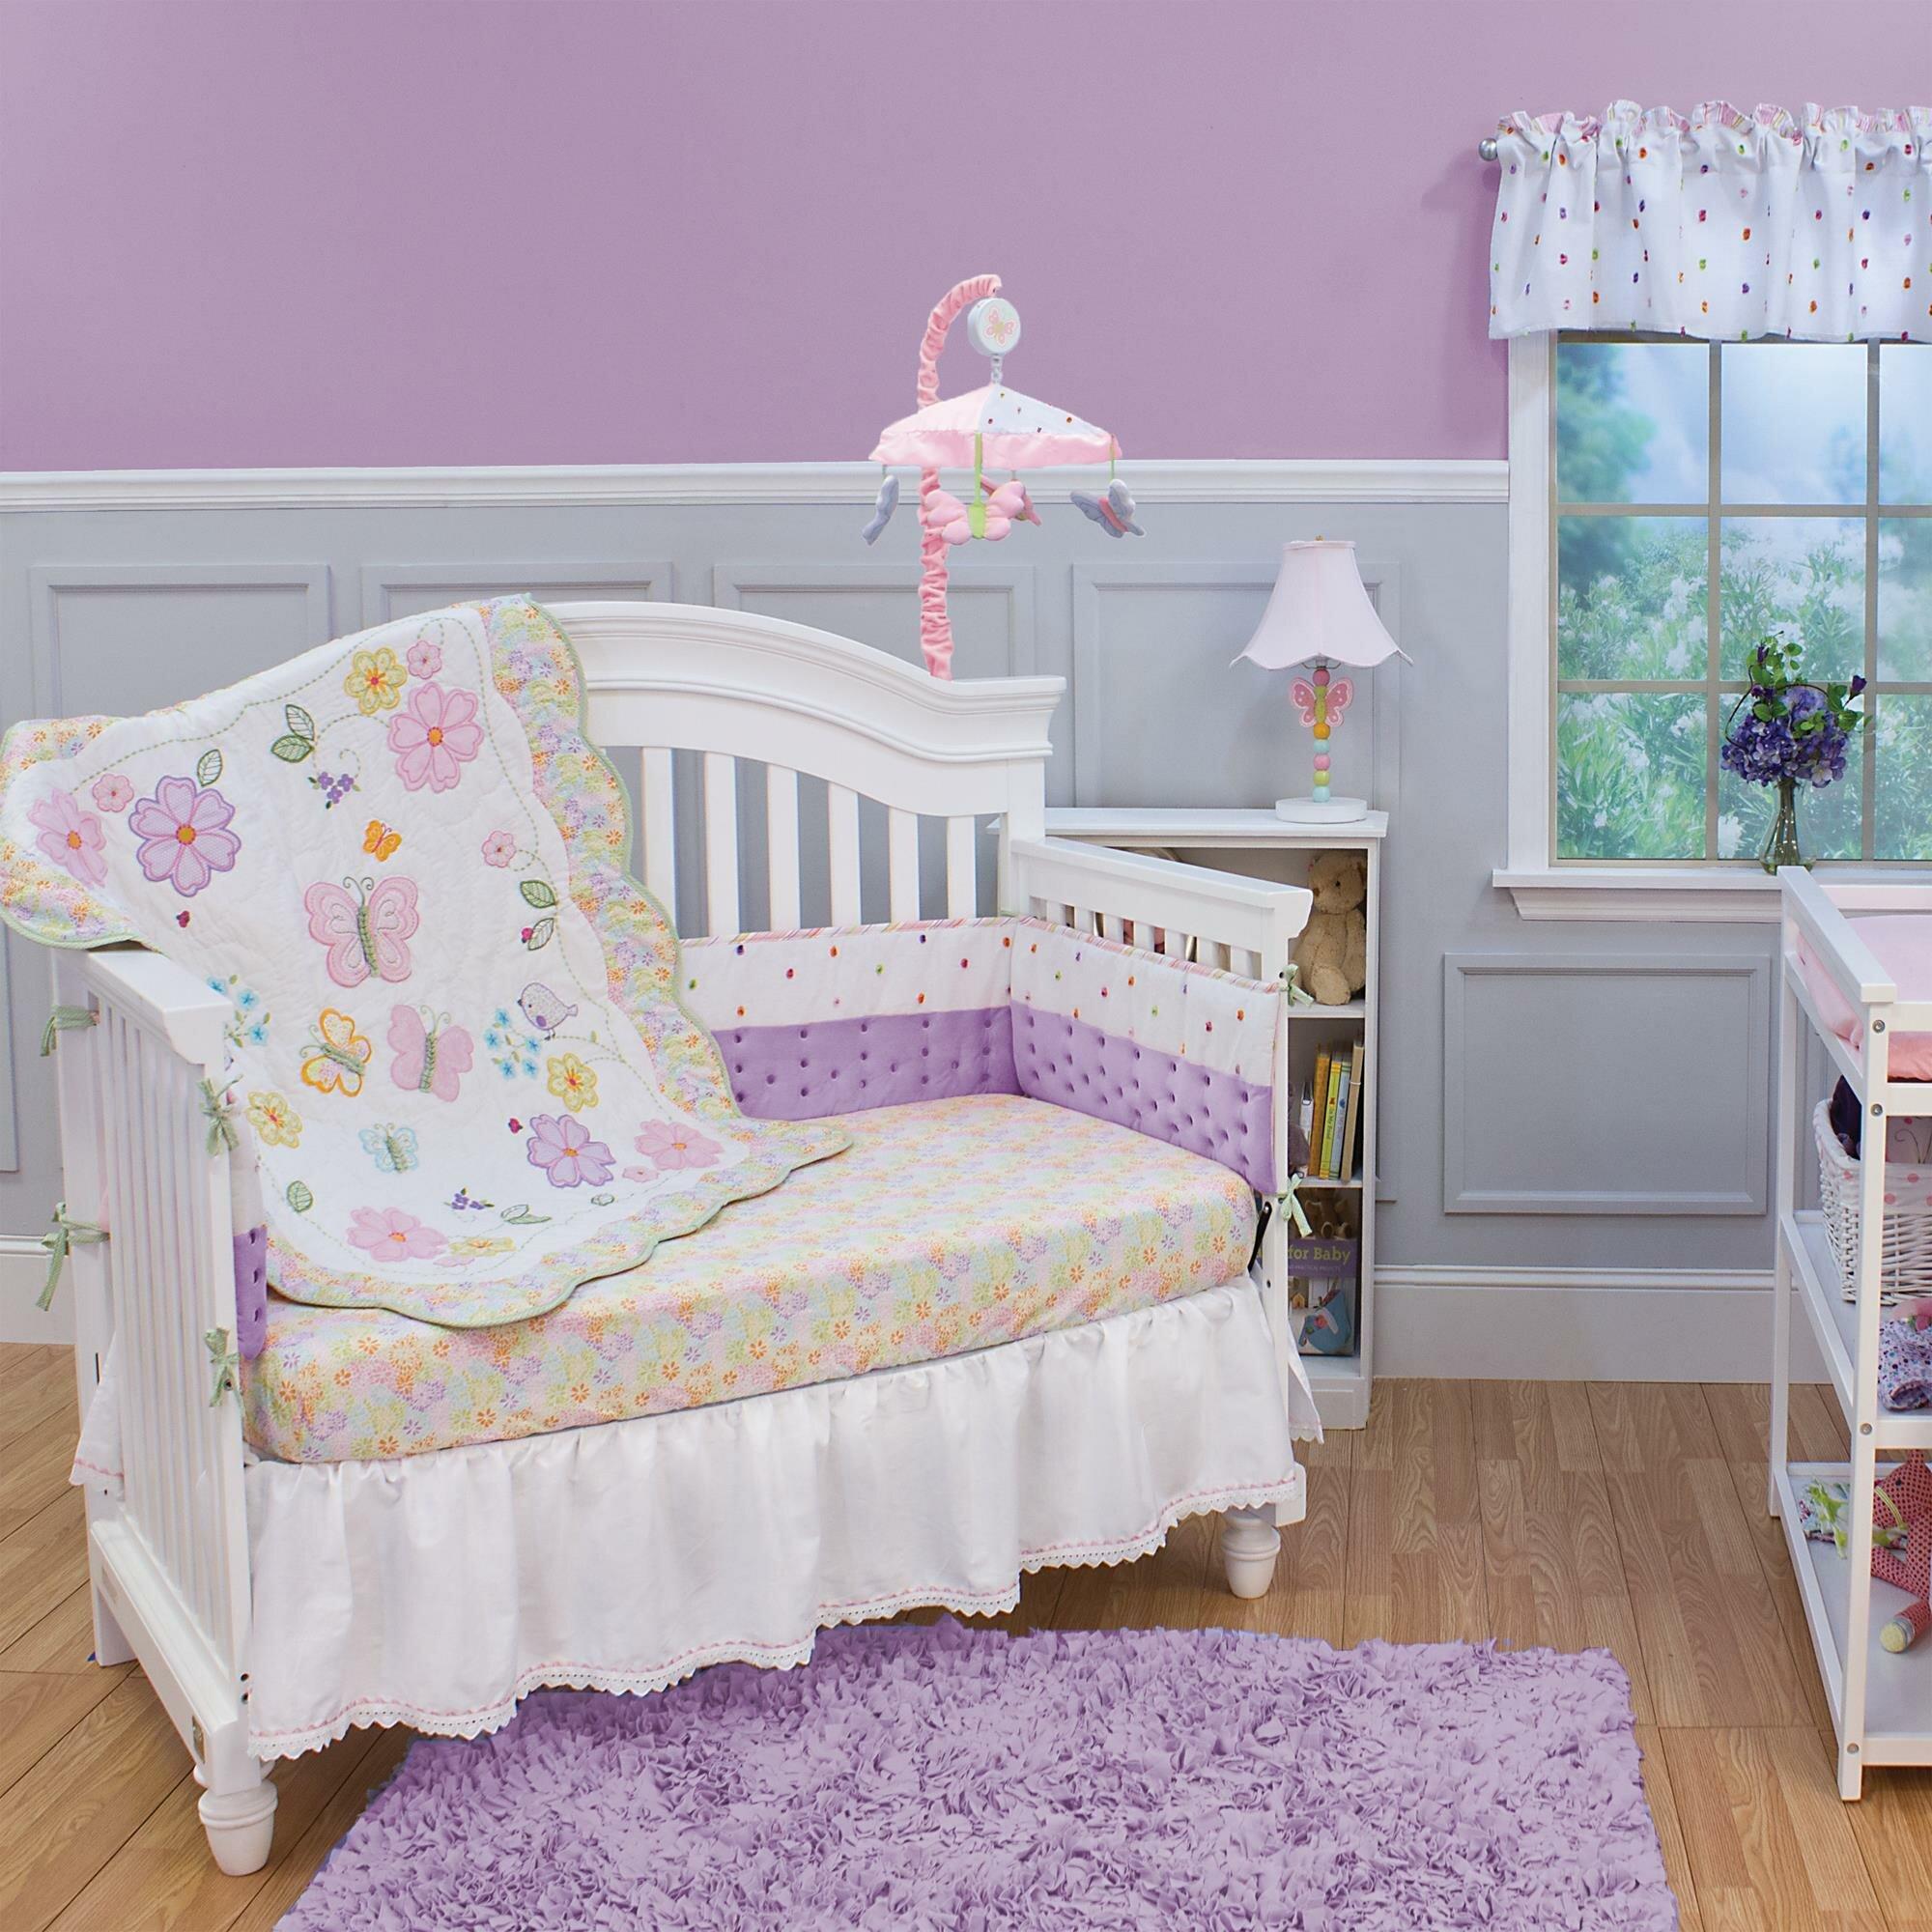 Nurture Imagination Butterfly Garden 3 Piece Crib Bedding Set U0026 Reviews |  Wayfair